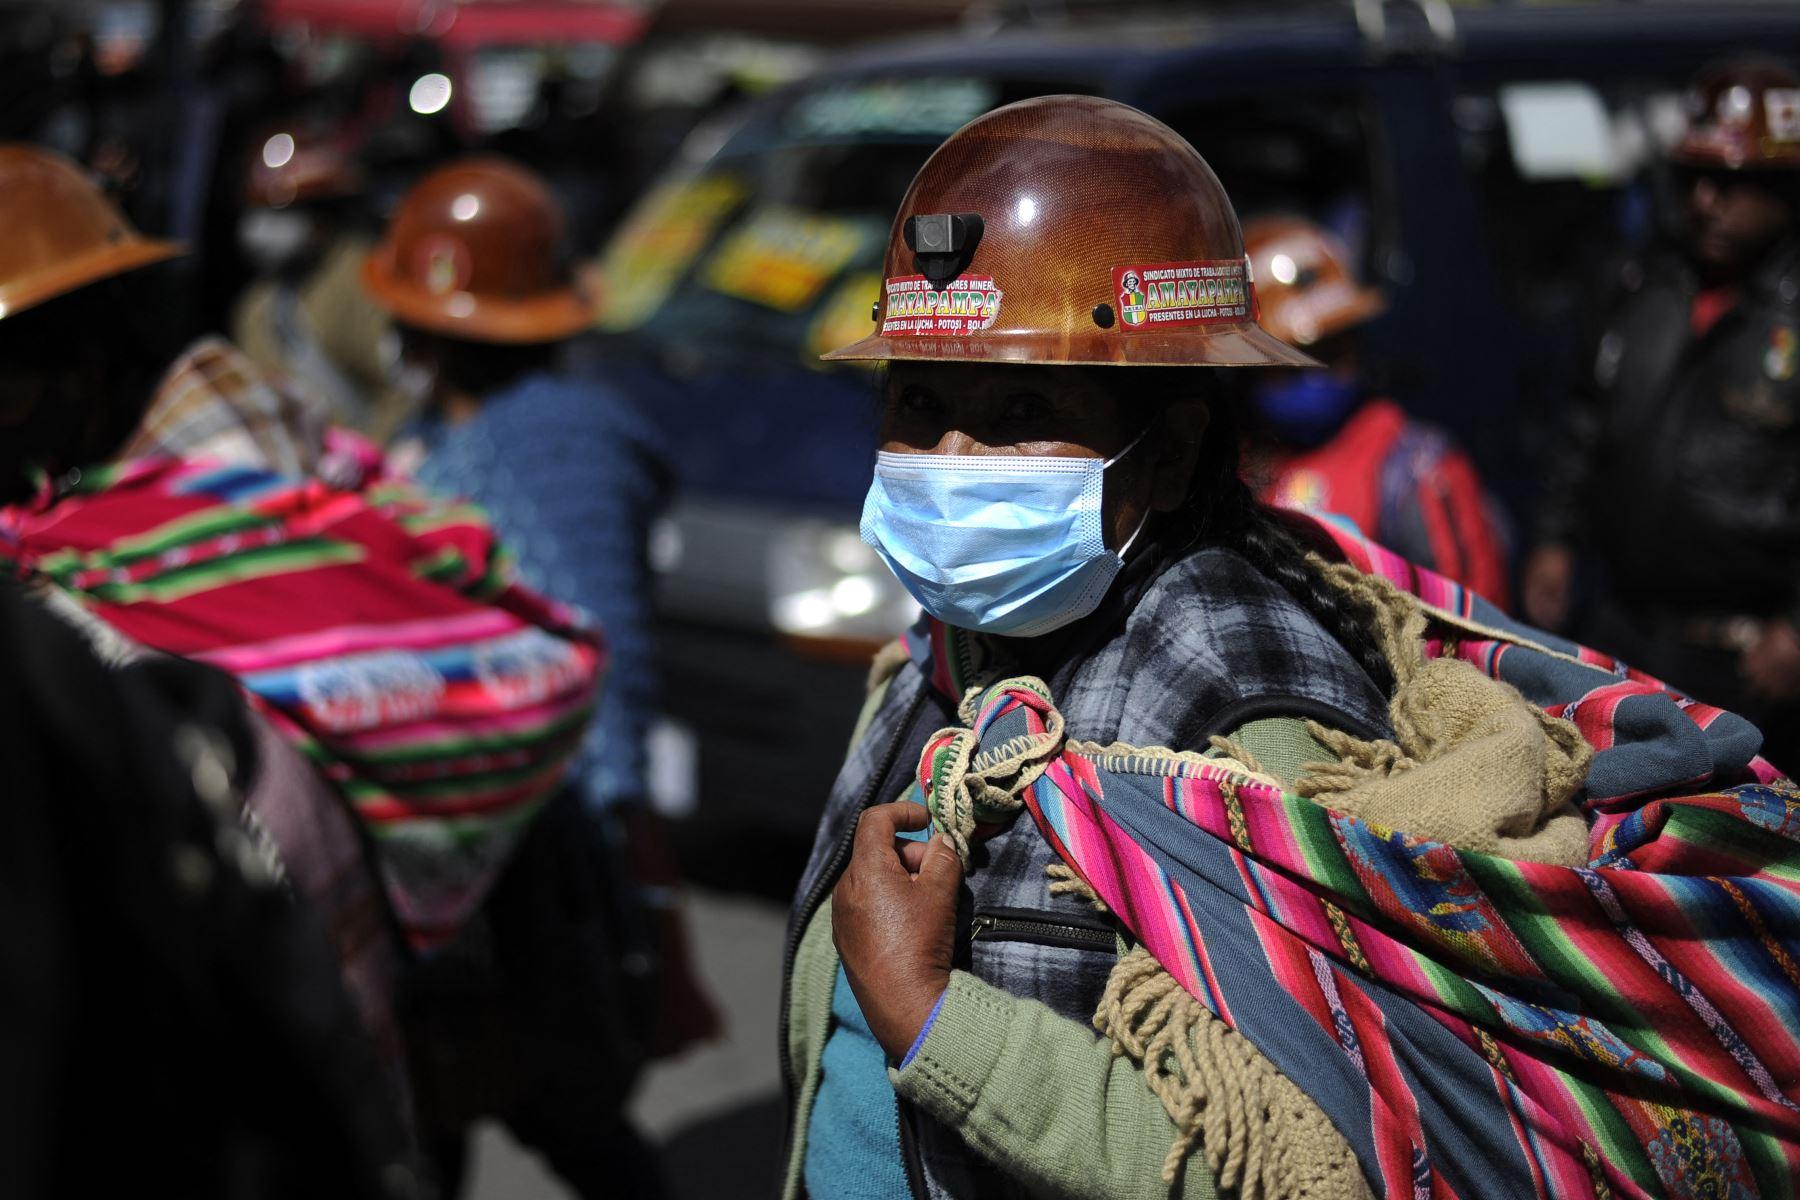 Los mineros bolivianos realizan una marcha de protesta exigiendo el pago de sus salarios pendientes a pesar de las restricciones para realizar eventos masivos para evitar el contagio de la pandemia del coronavirus, en La Paz, el 11 de enero de 2021. Foto: AFP